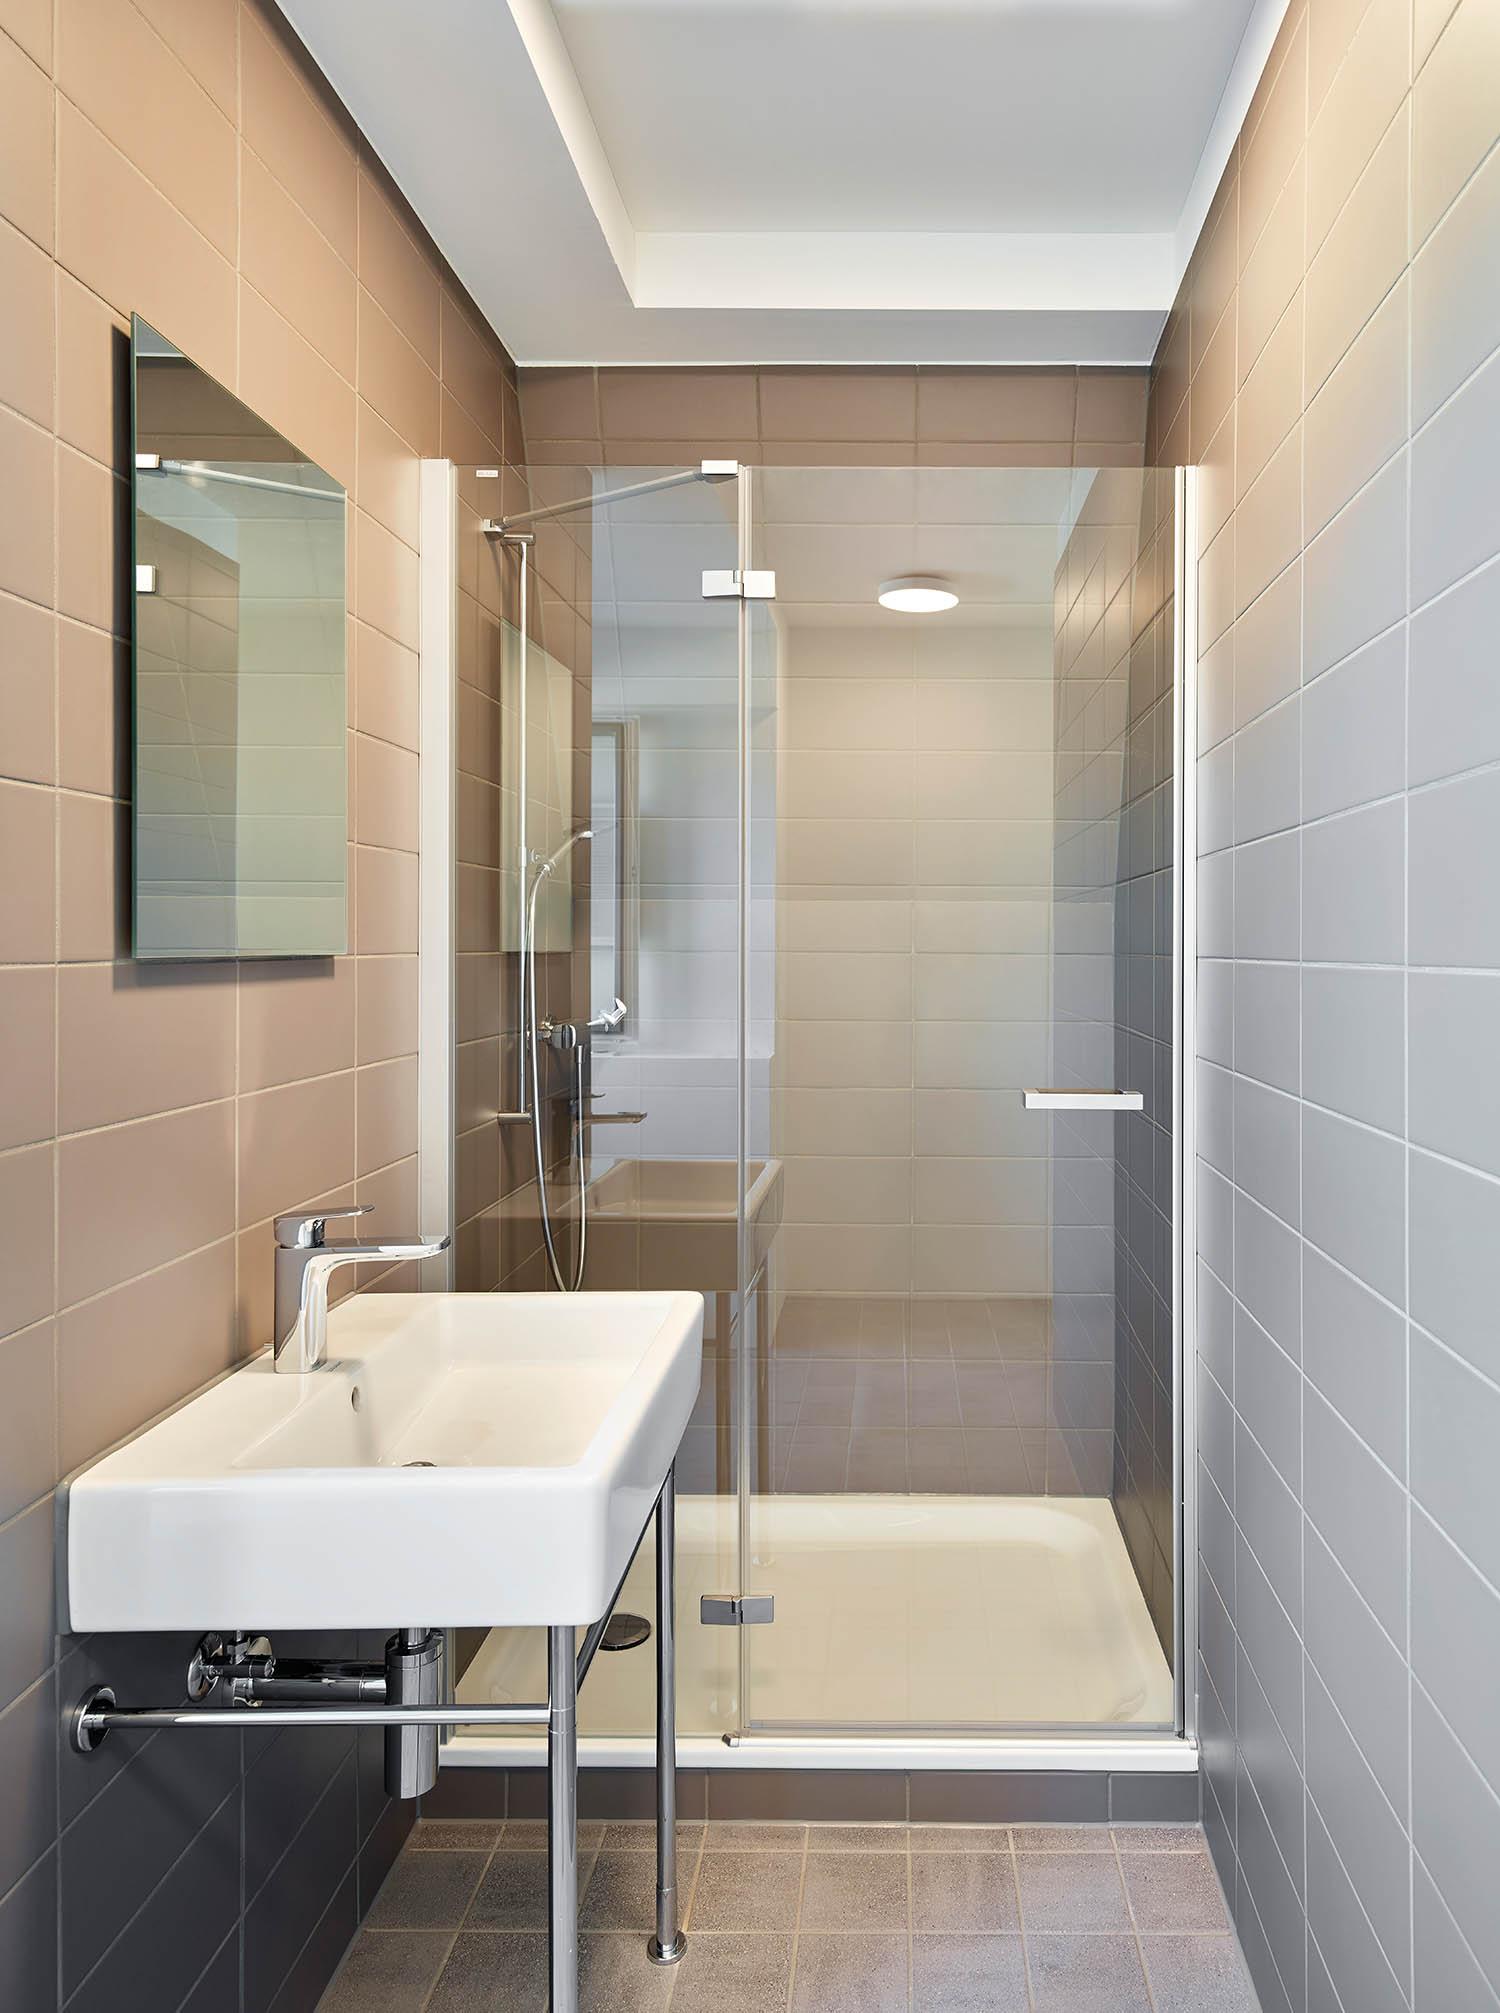 Bürogestaltung, Bad, Sanitär Laufen, Duravit, Fliesen Mosa